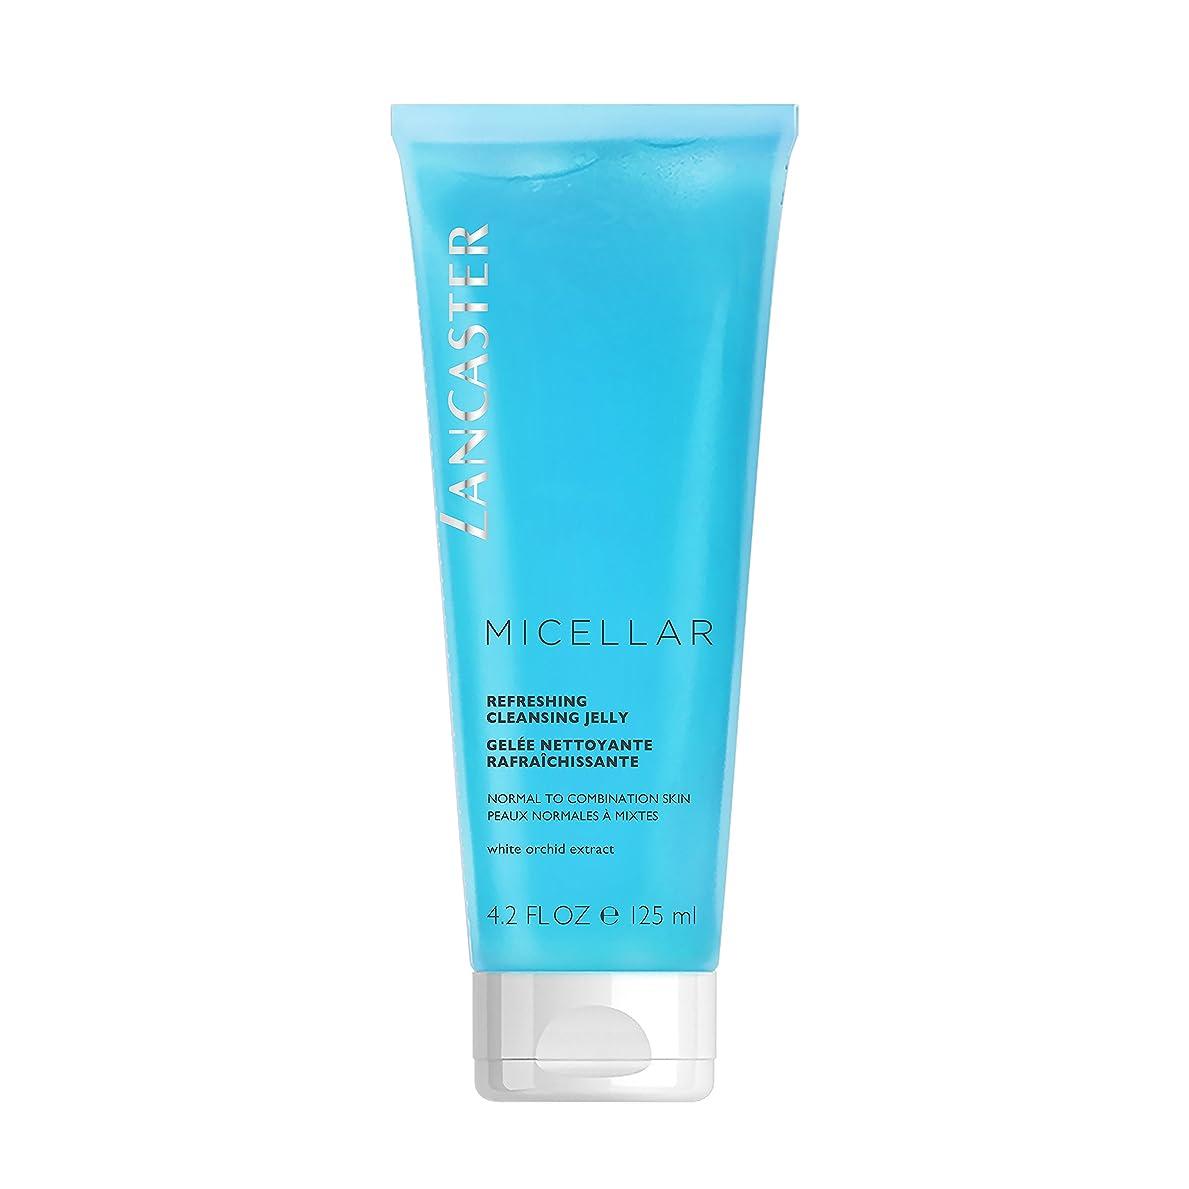 メナジェリー疑い者なすランカスター Micellar Refreshing Cleansing Jelly - Normal to Combination Skin, Including Sensitive Skin 125ml/4.2oz並行輸入品